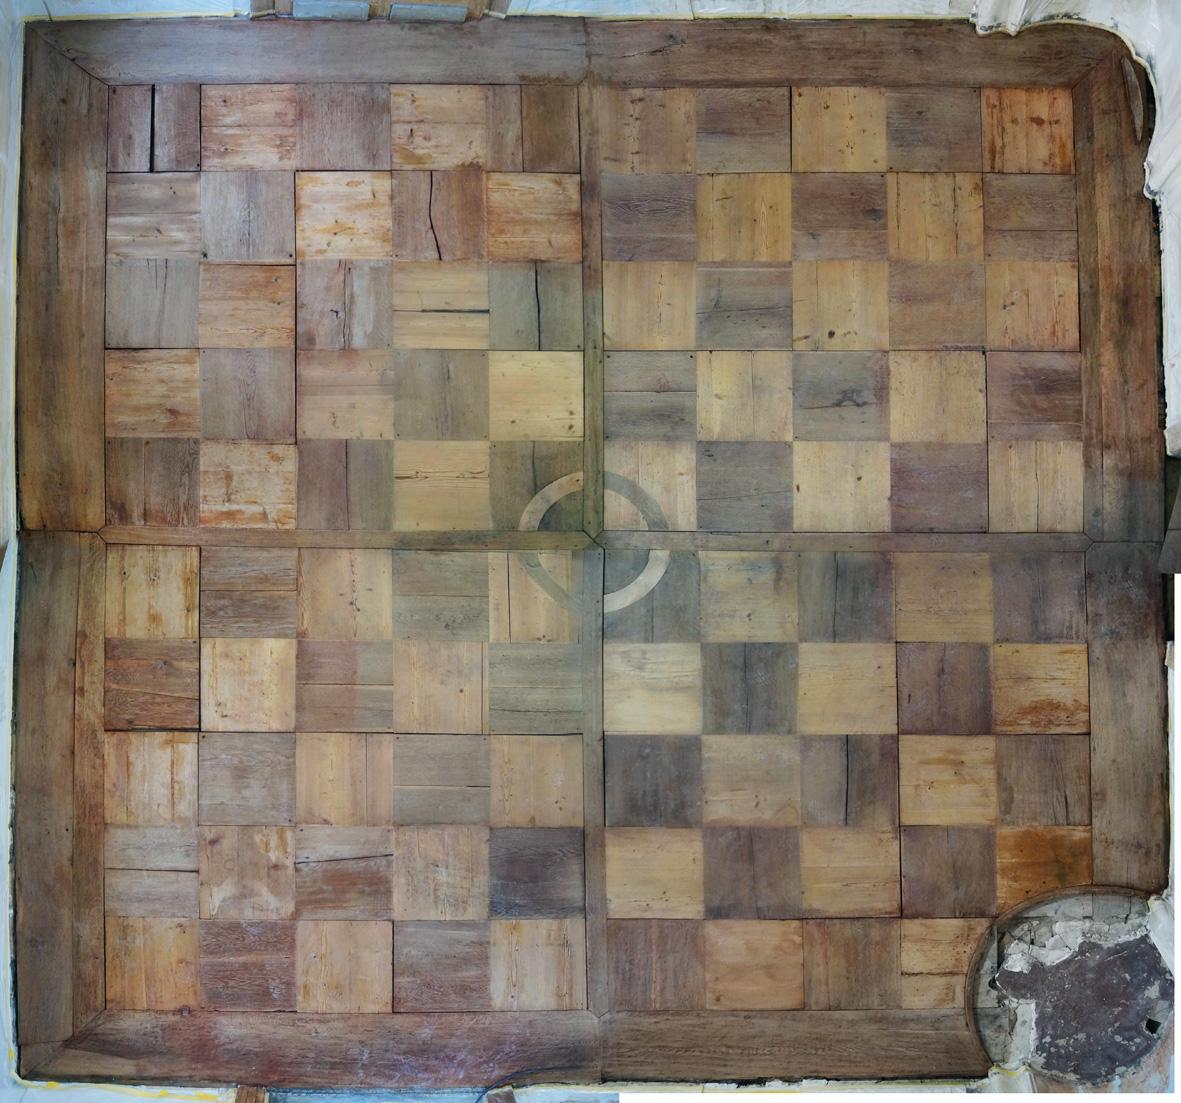 Messbild der Holzschäden